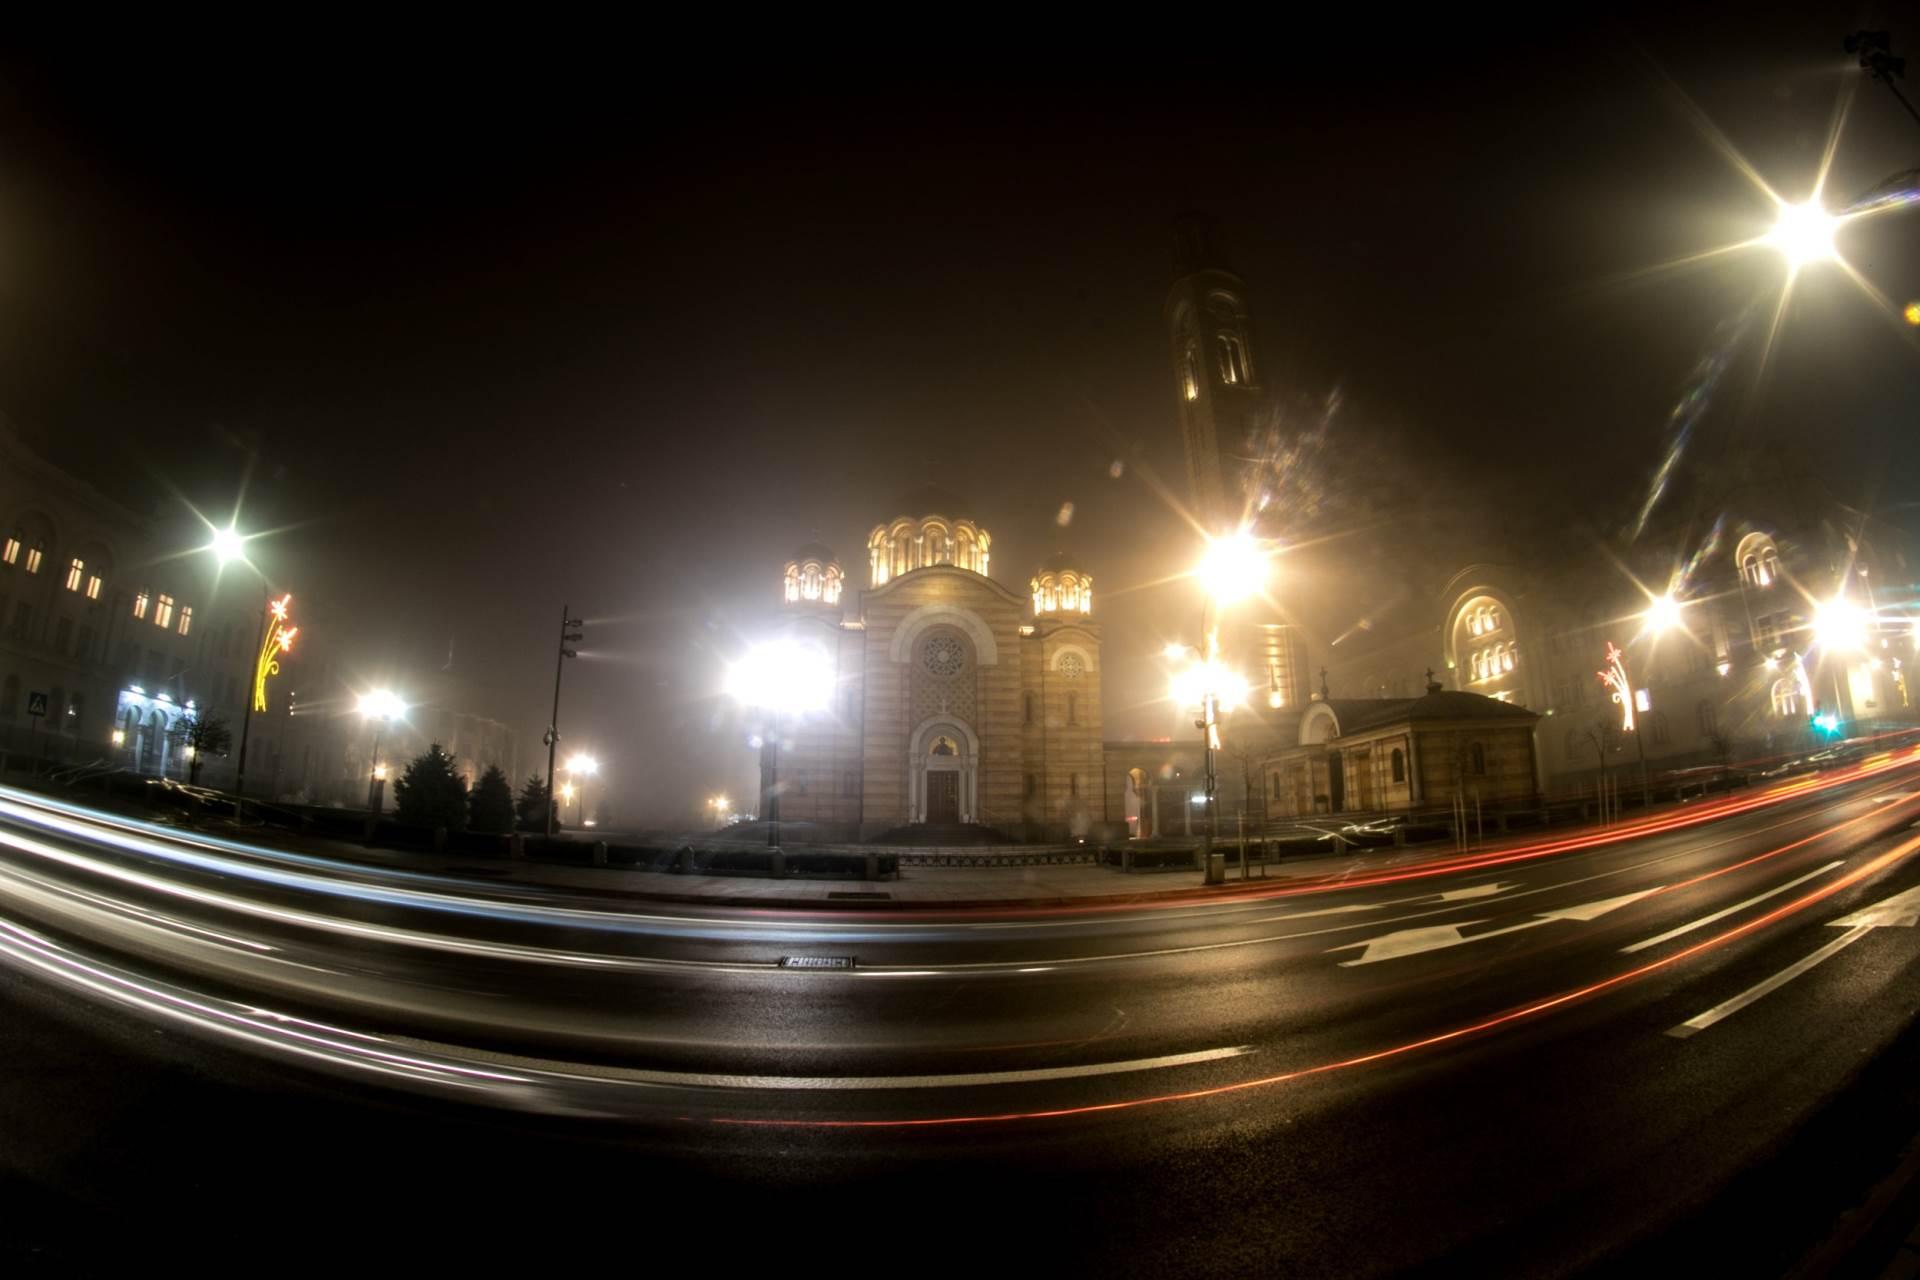 banjaluka, hram, banski dvor, palata predsjednika, gradska uprava, trg krajine